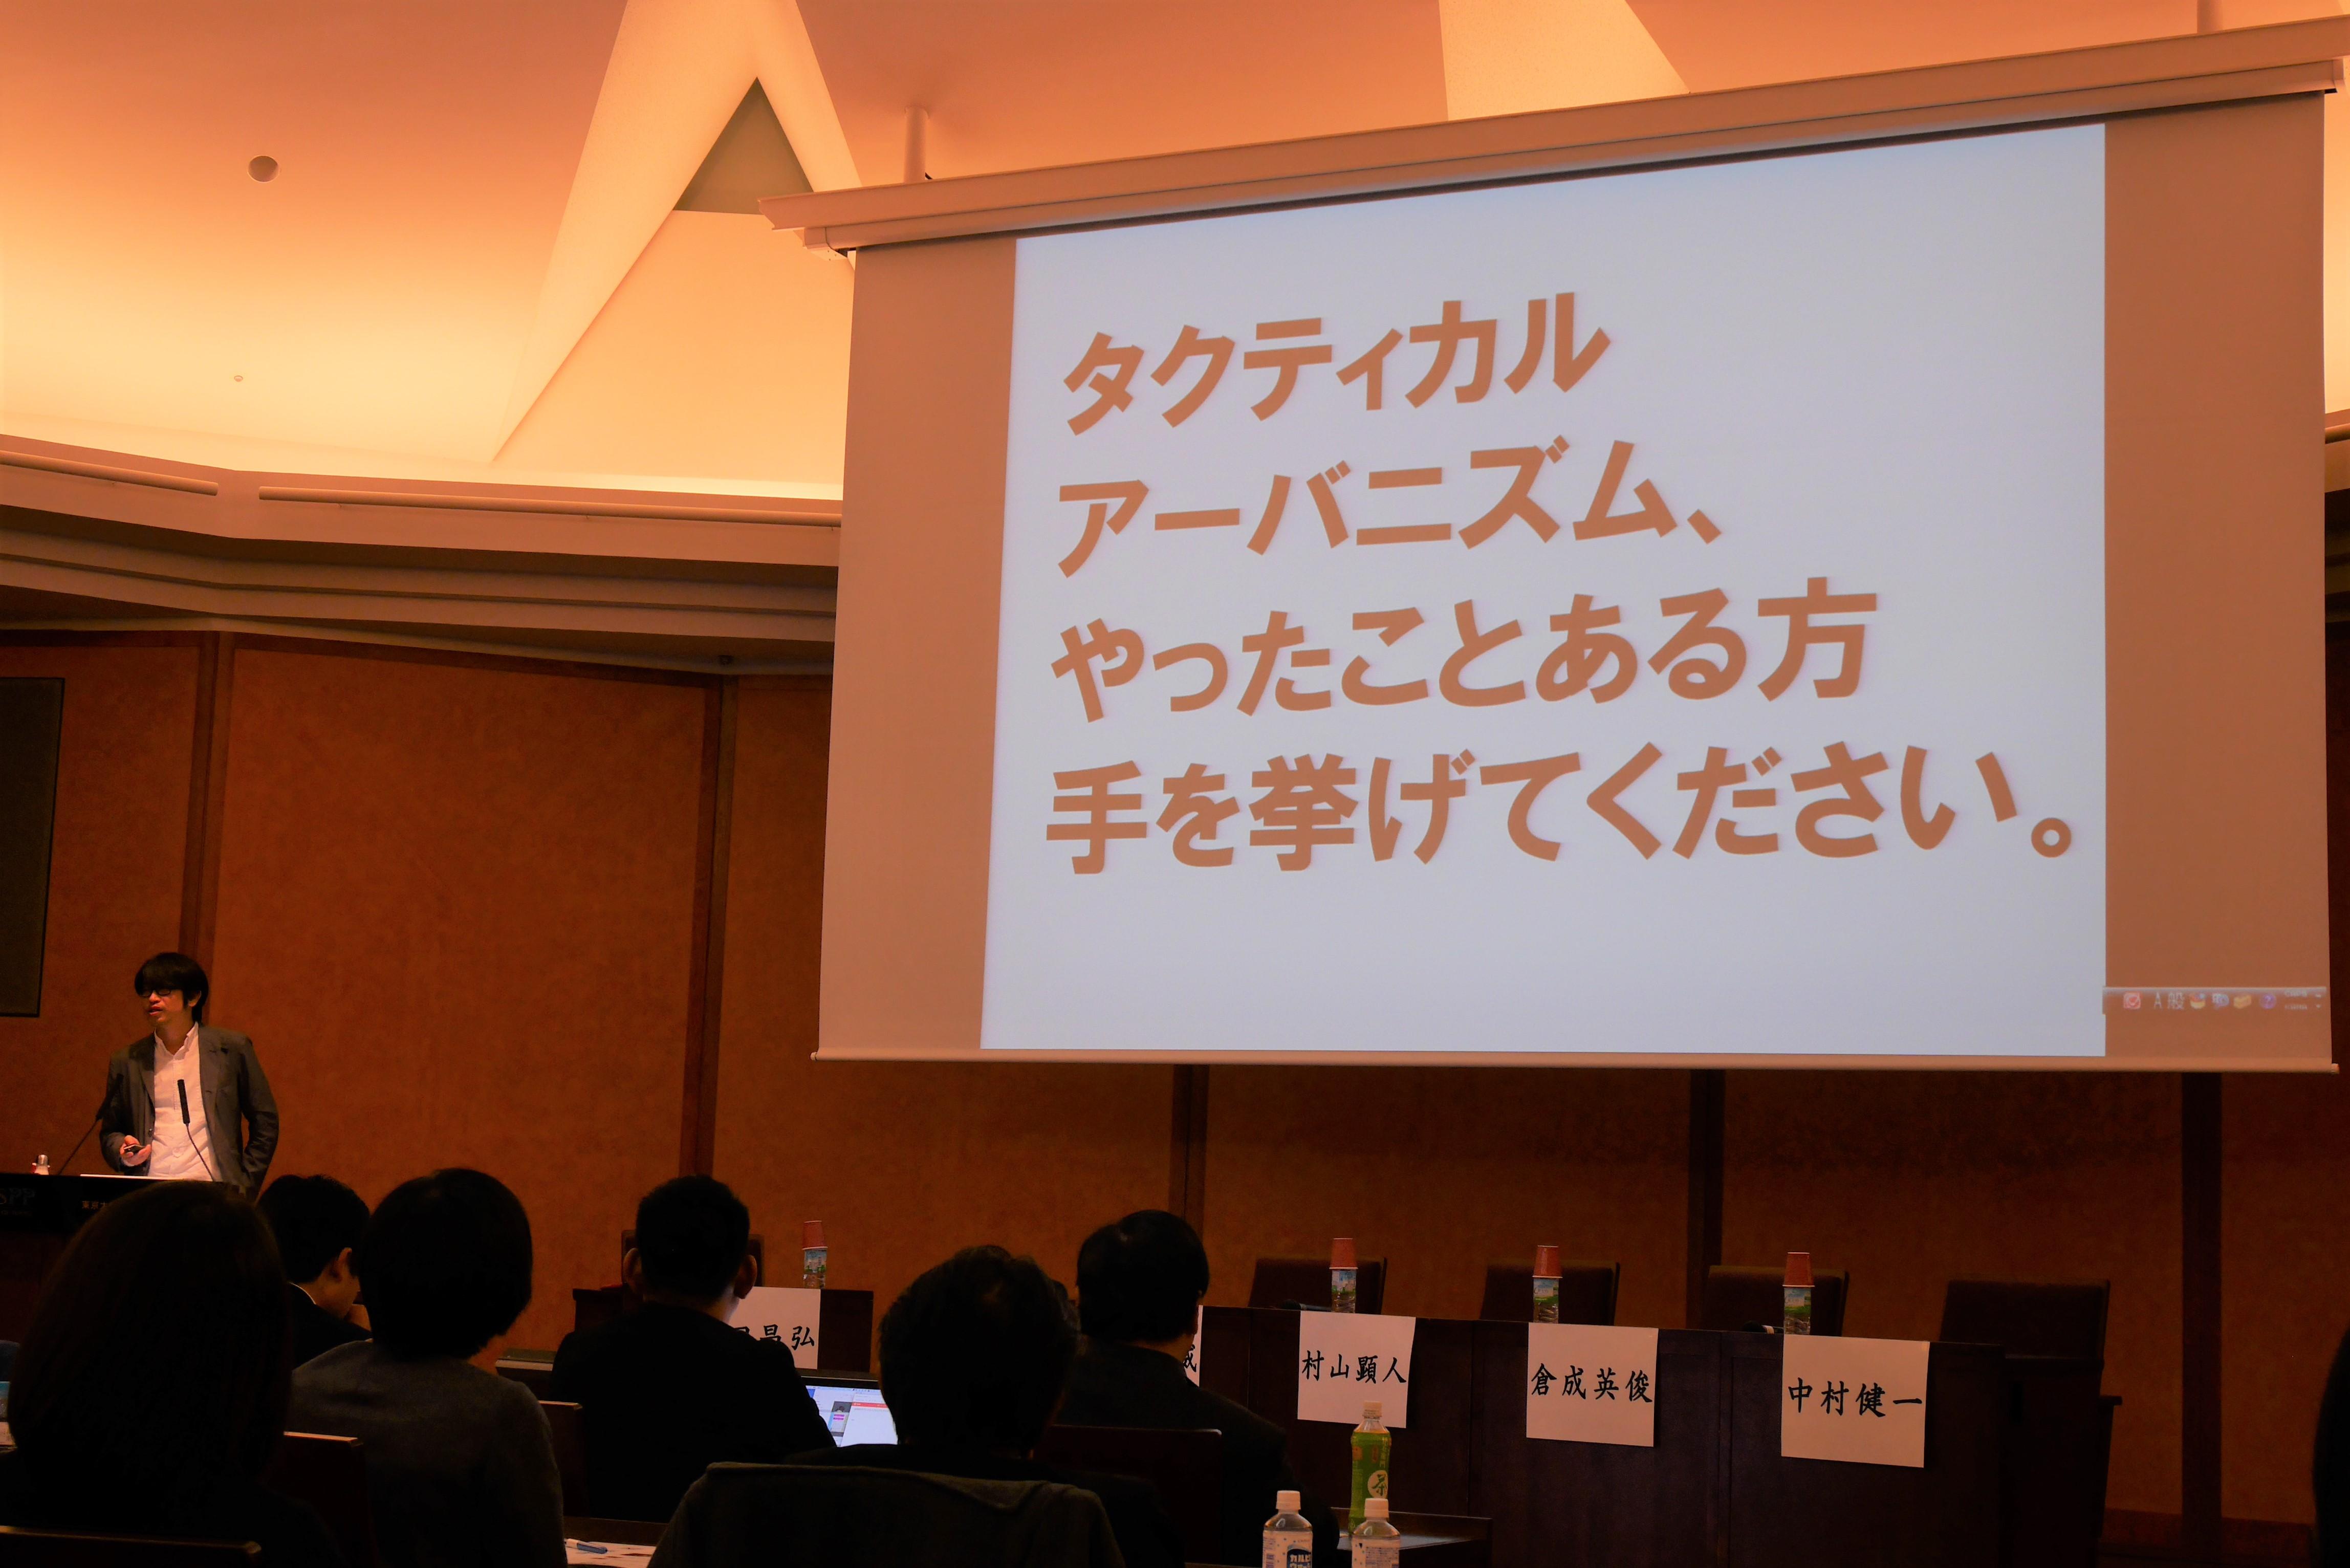 倉成英俊氏 株式会社電通 電通総研Bチーム リーダー/アクティブラーニングこんなのどうだろう研究所所長 東京大学工学部機械工学科卒、大学院中退。自称21世紀のブラブラ社員。「気の合う人々と新しい何かを生む」ことを目指し、公/私/大/小/官/民 関係なく活動中。主な仕事に、Japan APEC2010や東京モーターショー2011、IMF/世界銀行総会2012総合プロデュース、有田焼創業400年クリエーティブアドバイザー、他。グッドデザイン賞、NYADC賞、カンヌ広告祭他受賞多数。バルセロナのMarti Guixeより日本人初のex-designerに認定される。